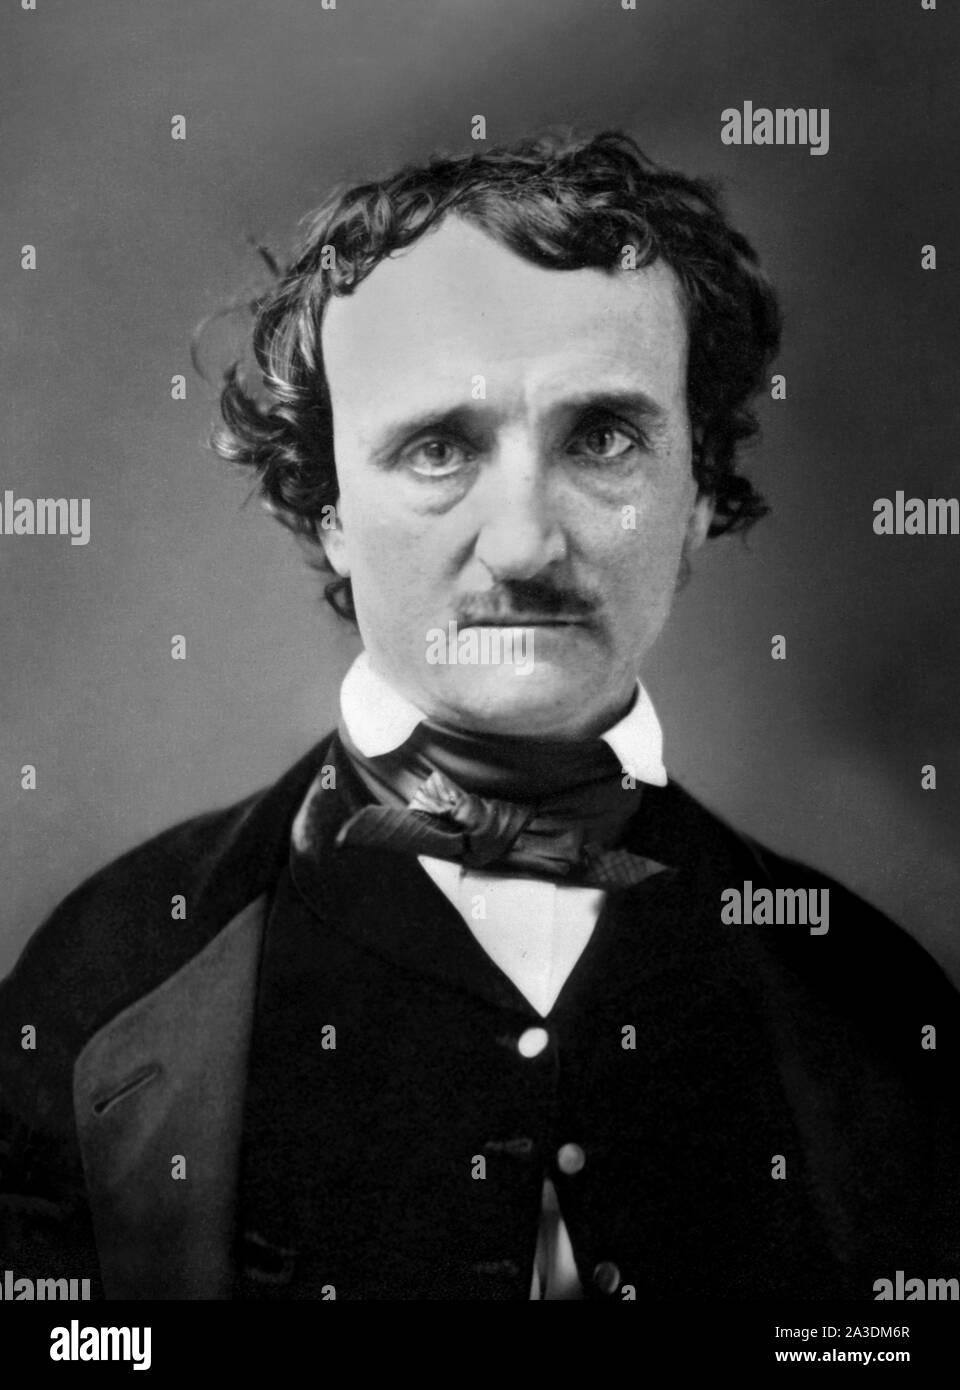 Edgar Allan Poe (né Edgar Poe; 1809-1849), à partir d'un daguerréotype, c.1849 Banque D'Images